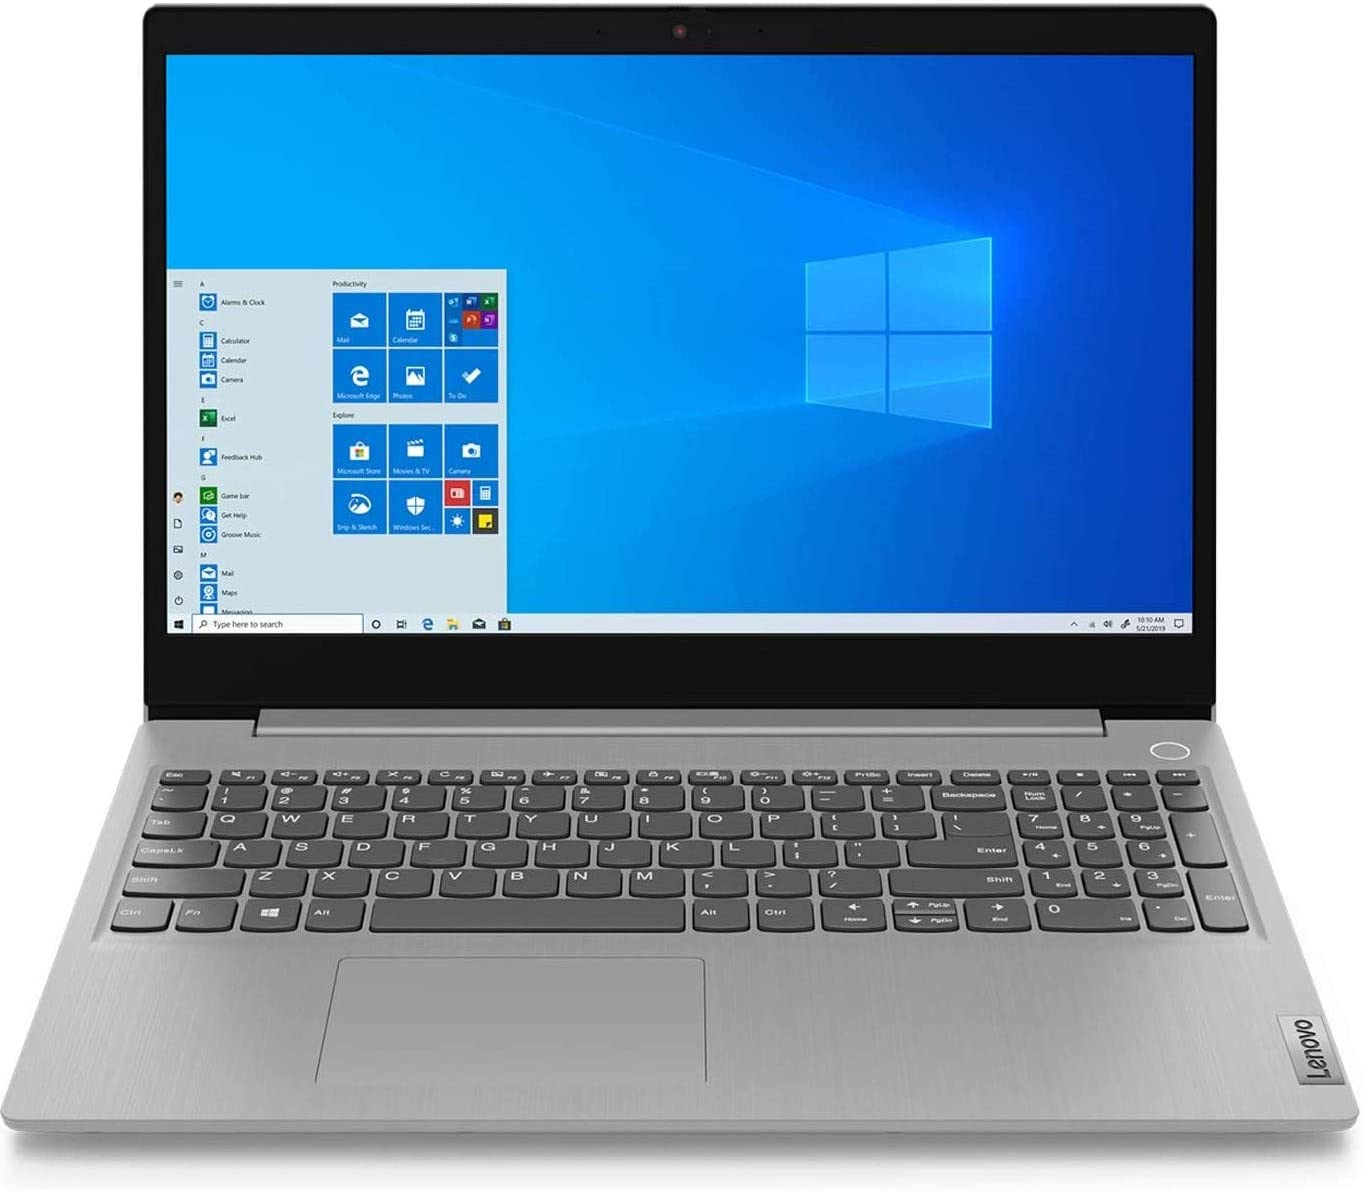 Laptop Lenovo IdeaPad 3 con 1 TB HDD, 128 GB SSD, Intel Core i3 de décima generación y pantalla de 15.6 pulgadas